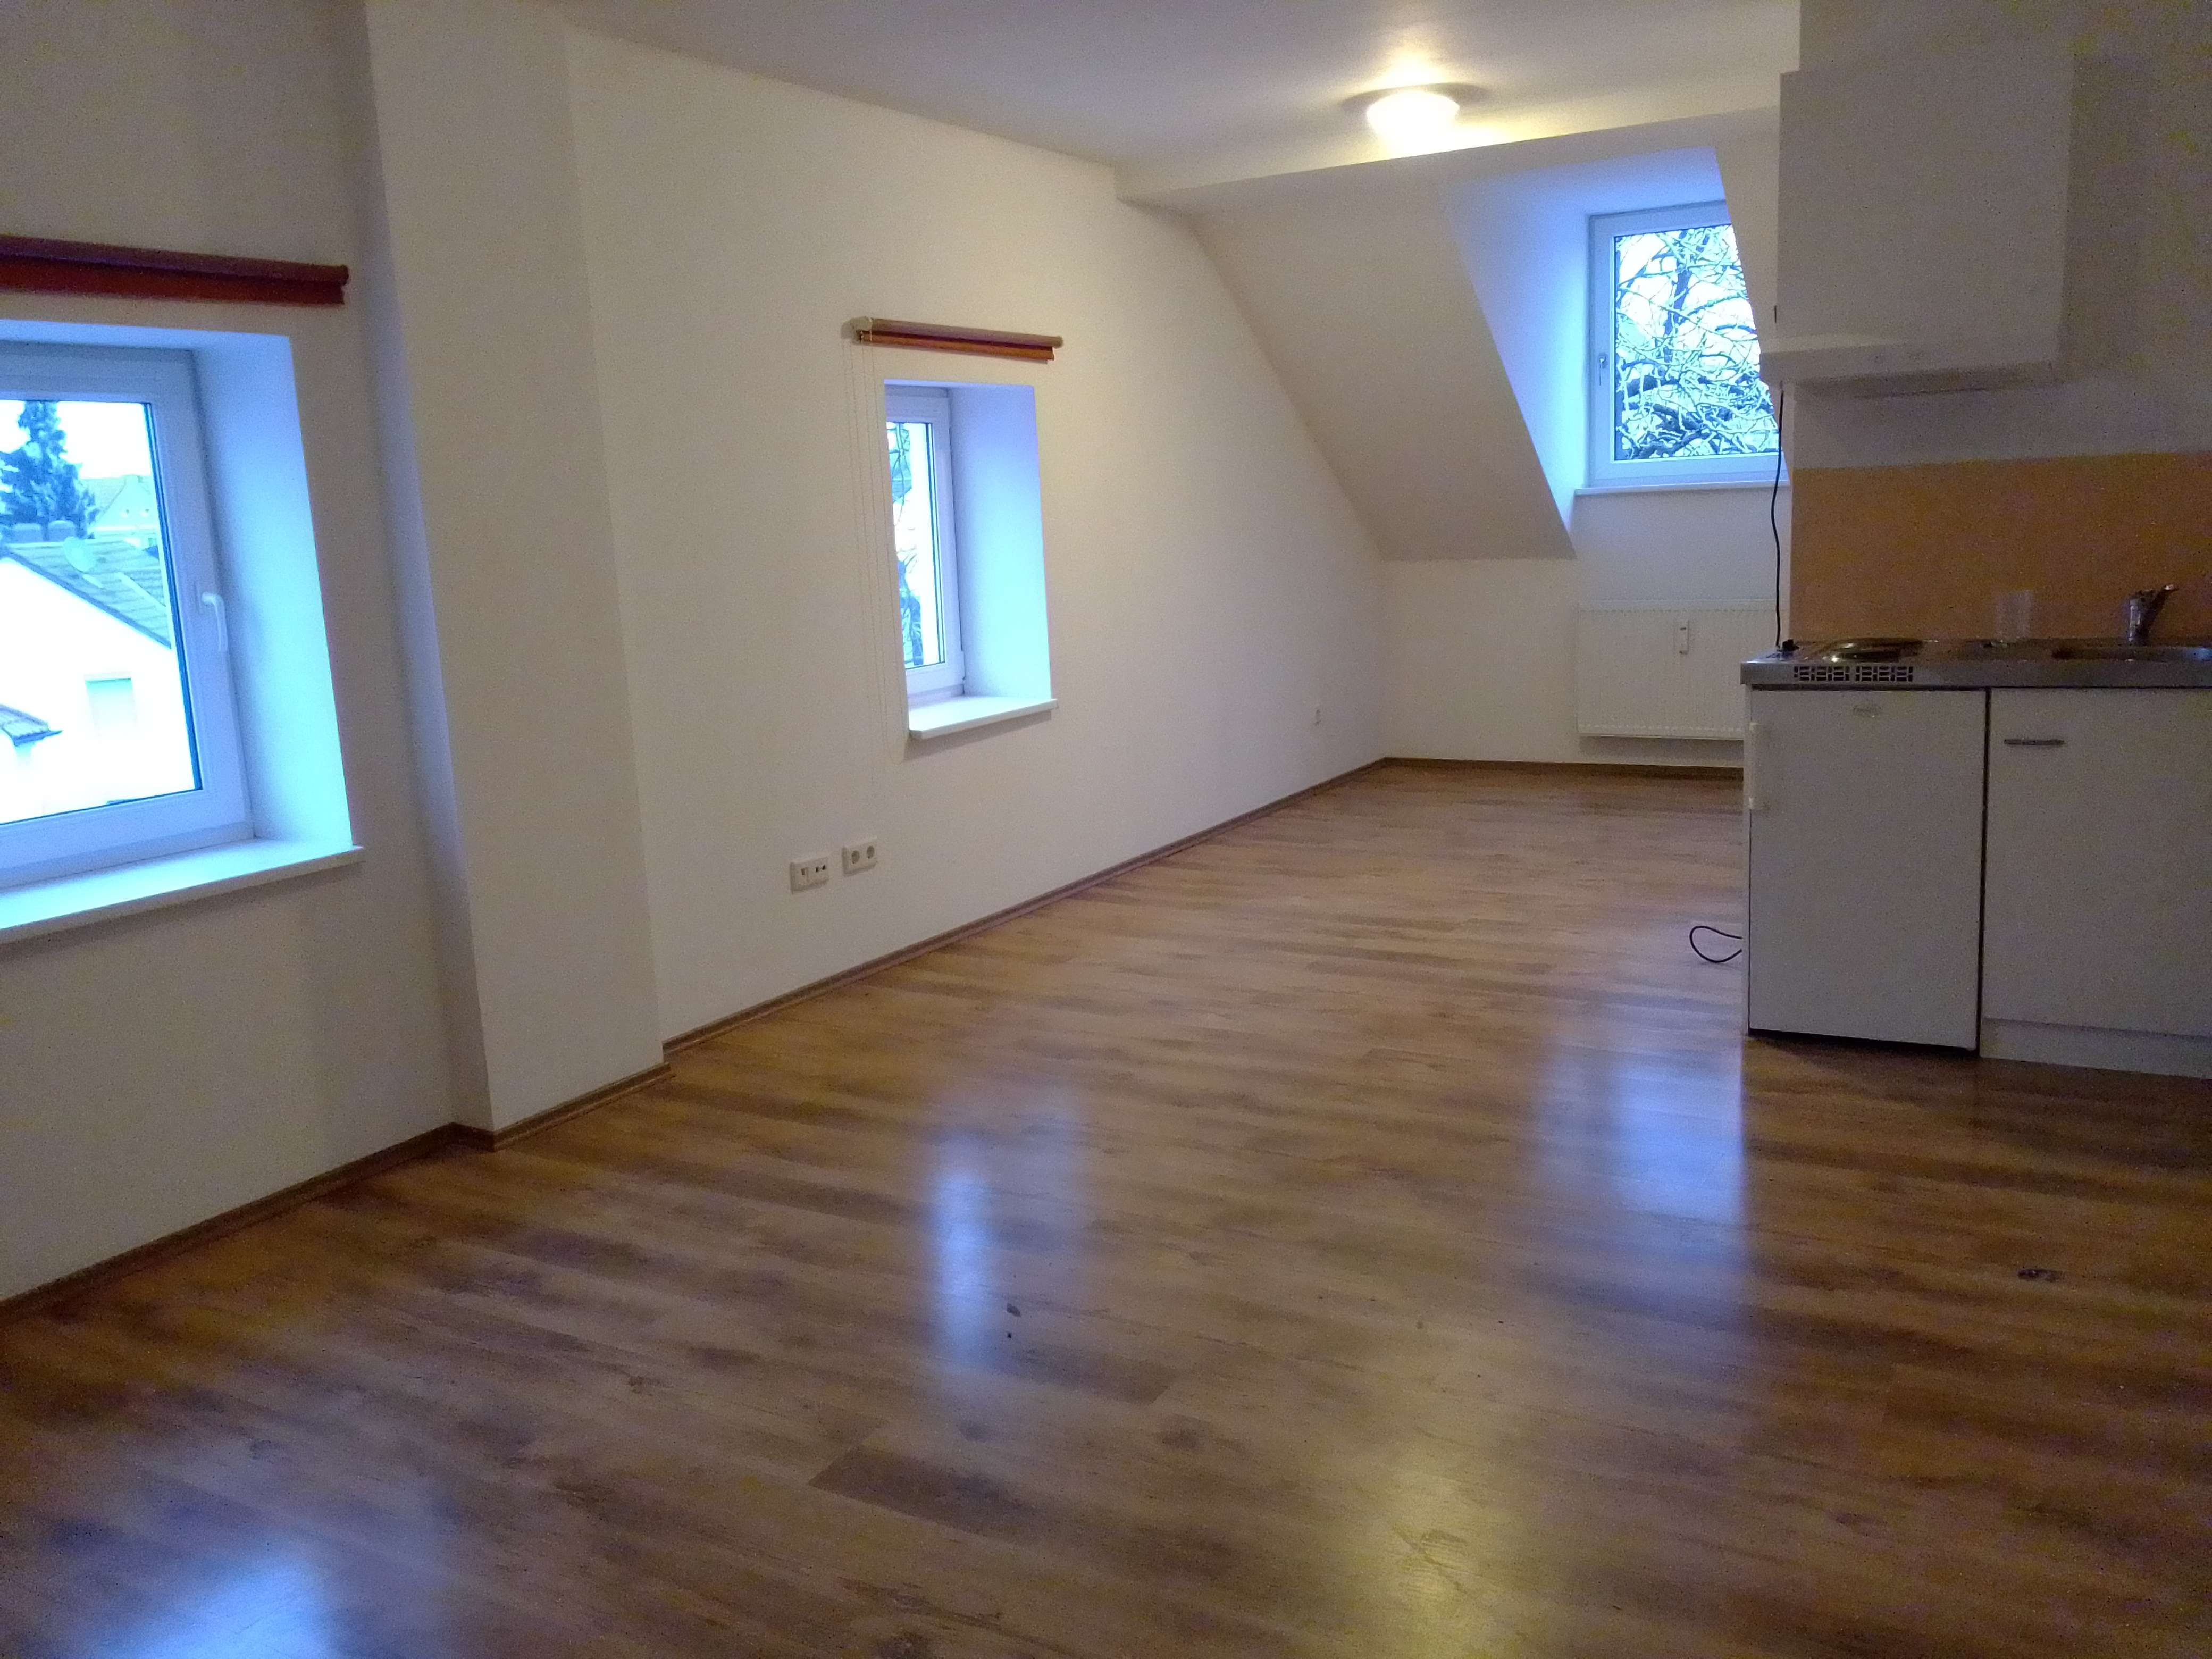 1-Zimmer-Wohnung in Straubing für Nichtraucher in